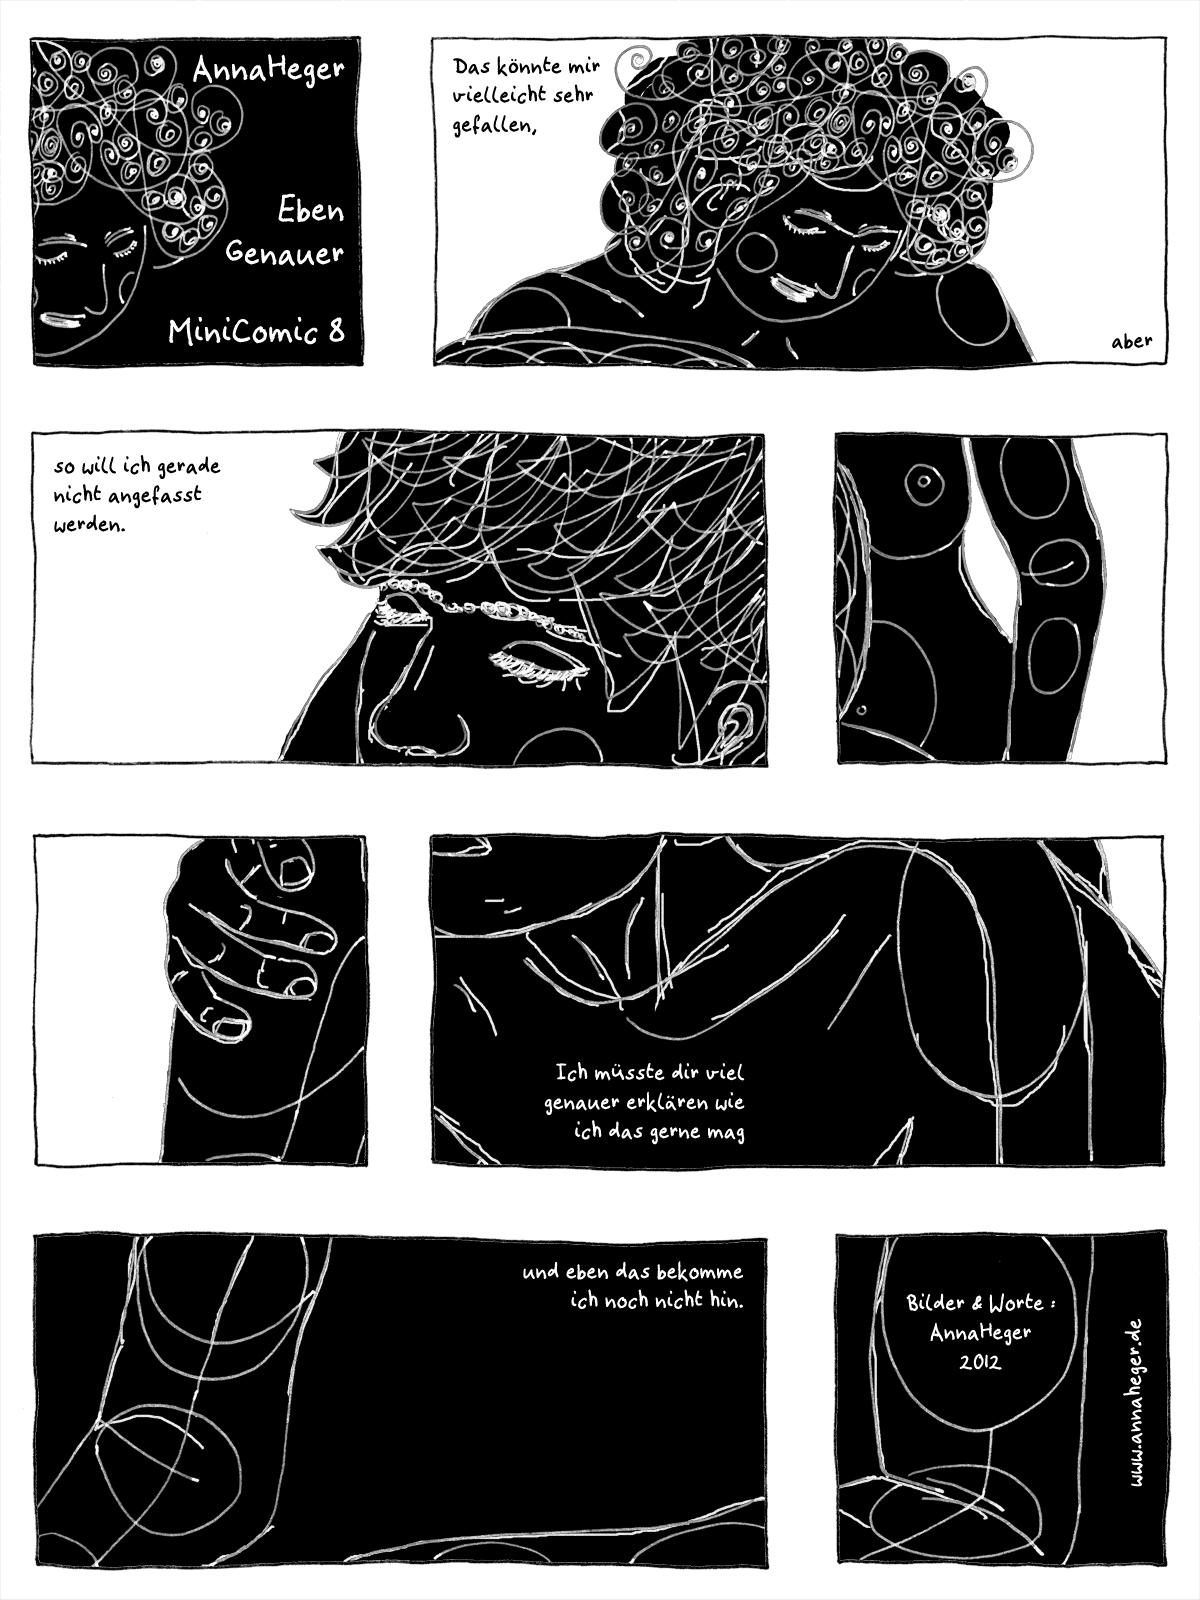 Minicomic 5: Eben genauer, das ganze Comic wird im folgenden in reinen Text transkribiert